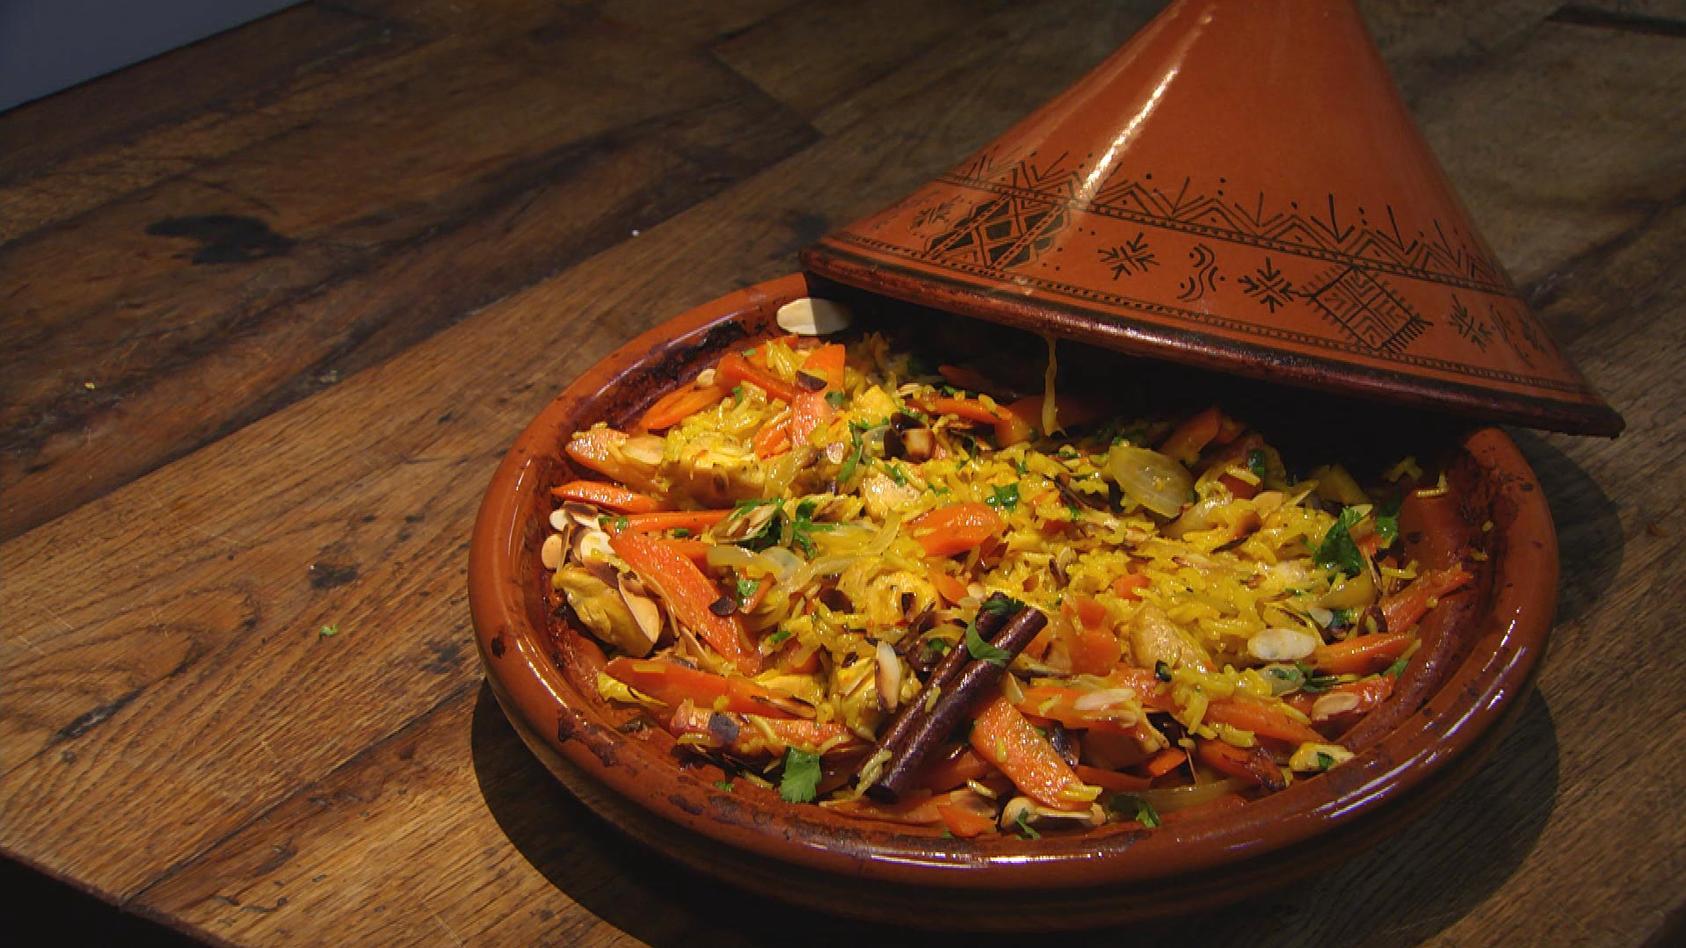 Mit 'nem Löffelchen Zimt und Zucker:  Aromahähnchen mit Safran-Mandel-Reis